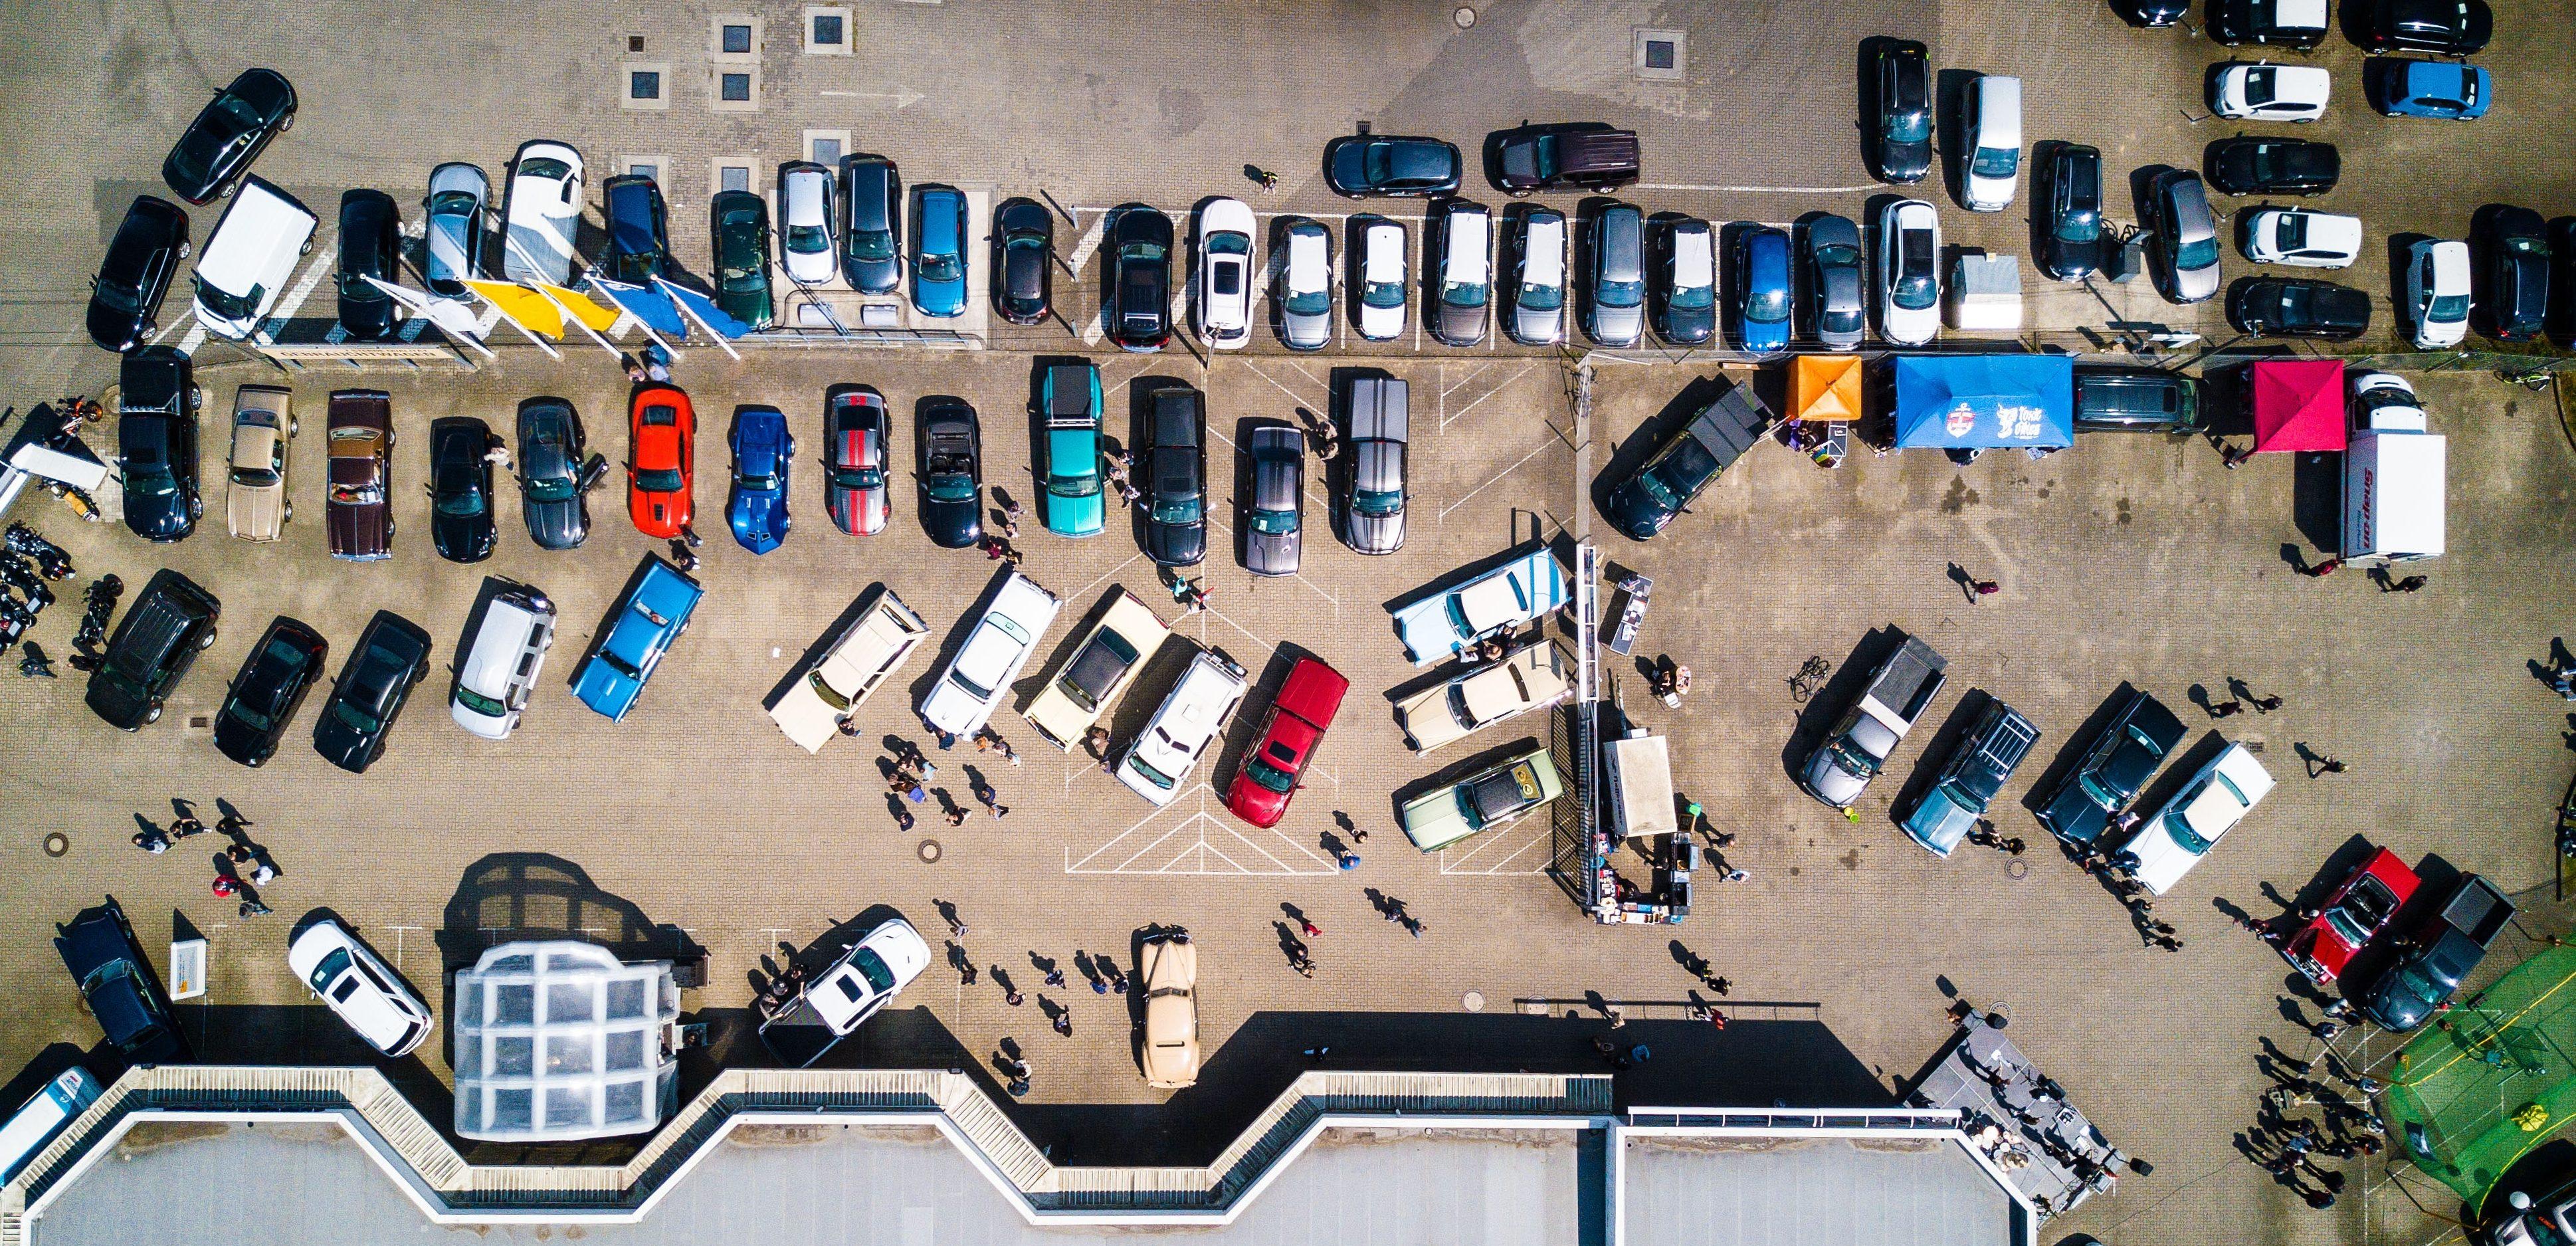 Voar sobre patrimônio das pessoas representa um risco. Foto: pexels.com